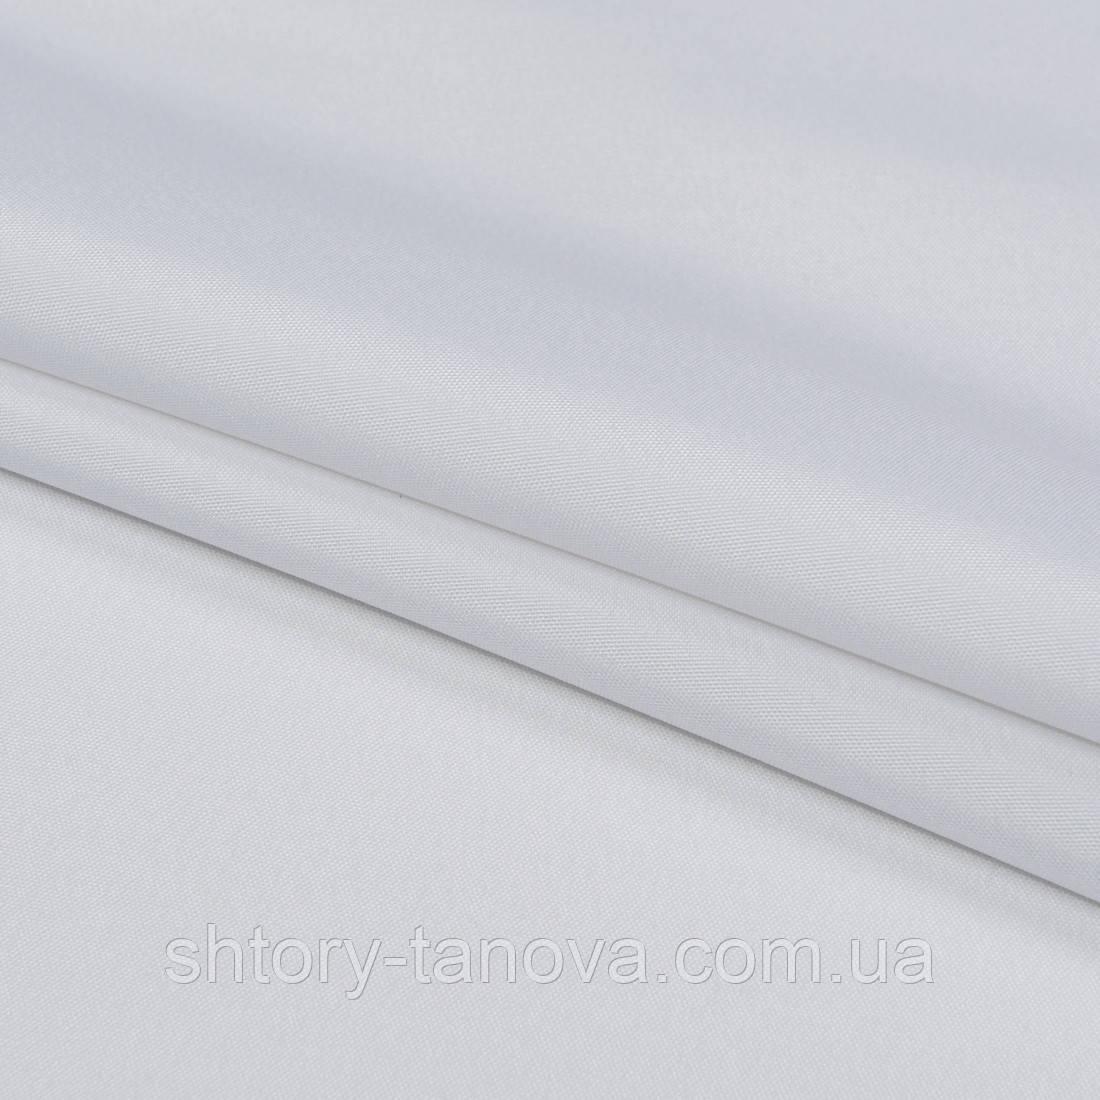 Универсал белый